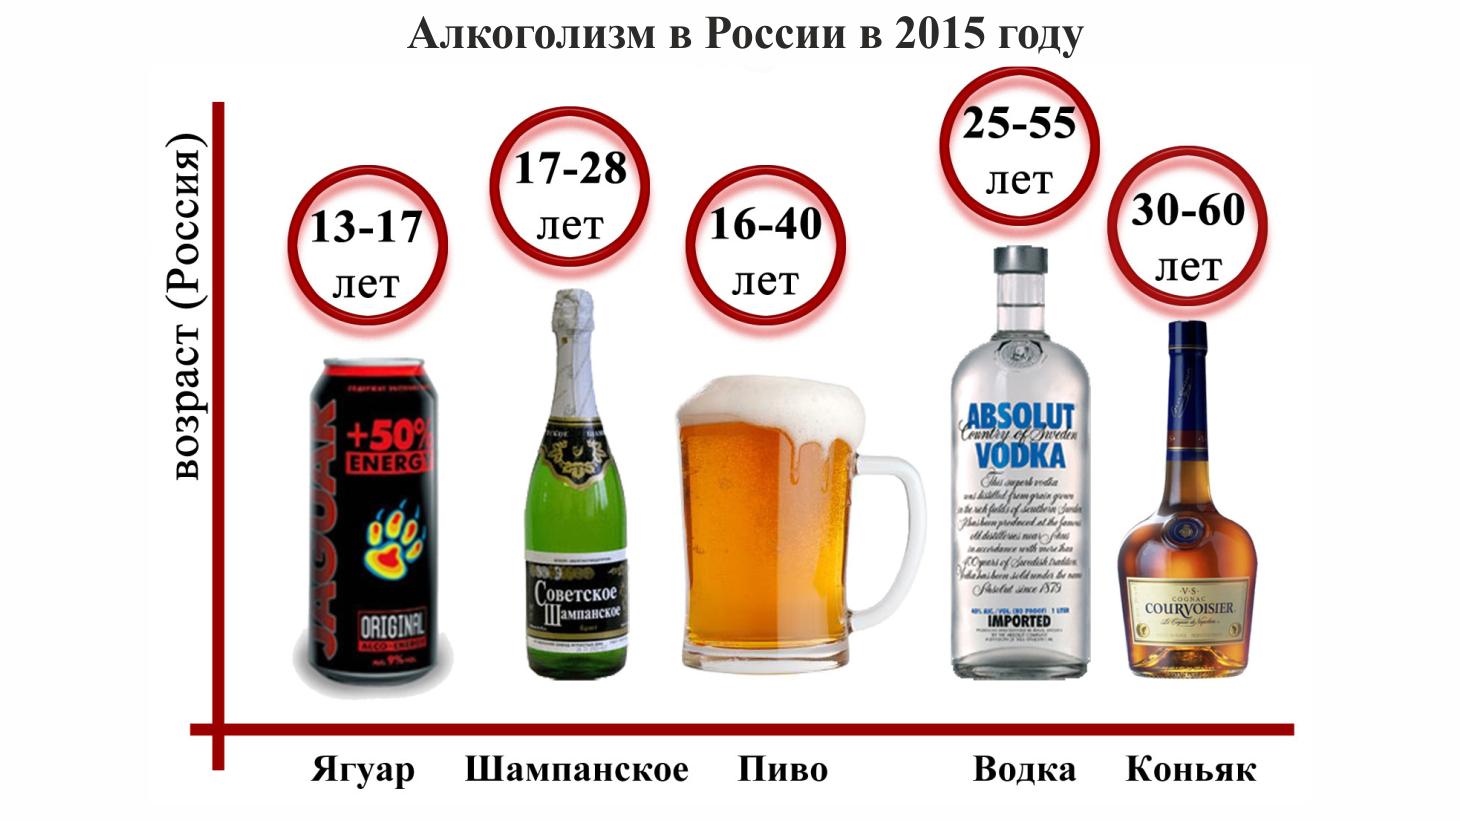 Препараты для кодирования от алкогольной зависимости название